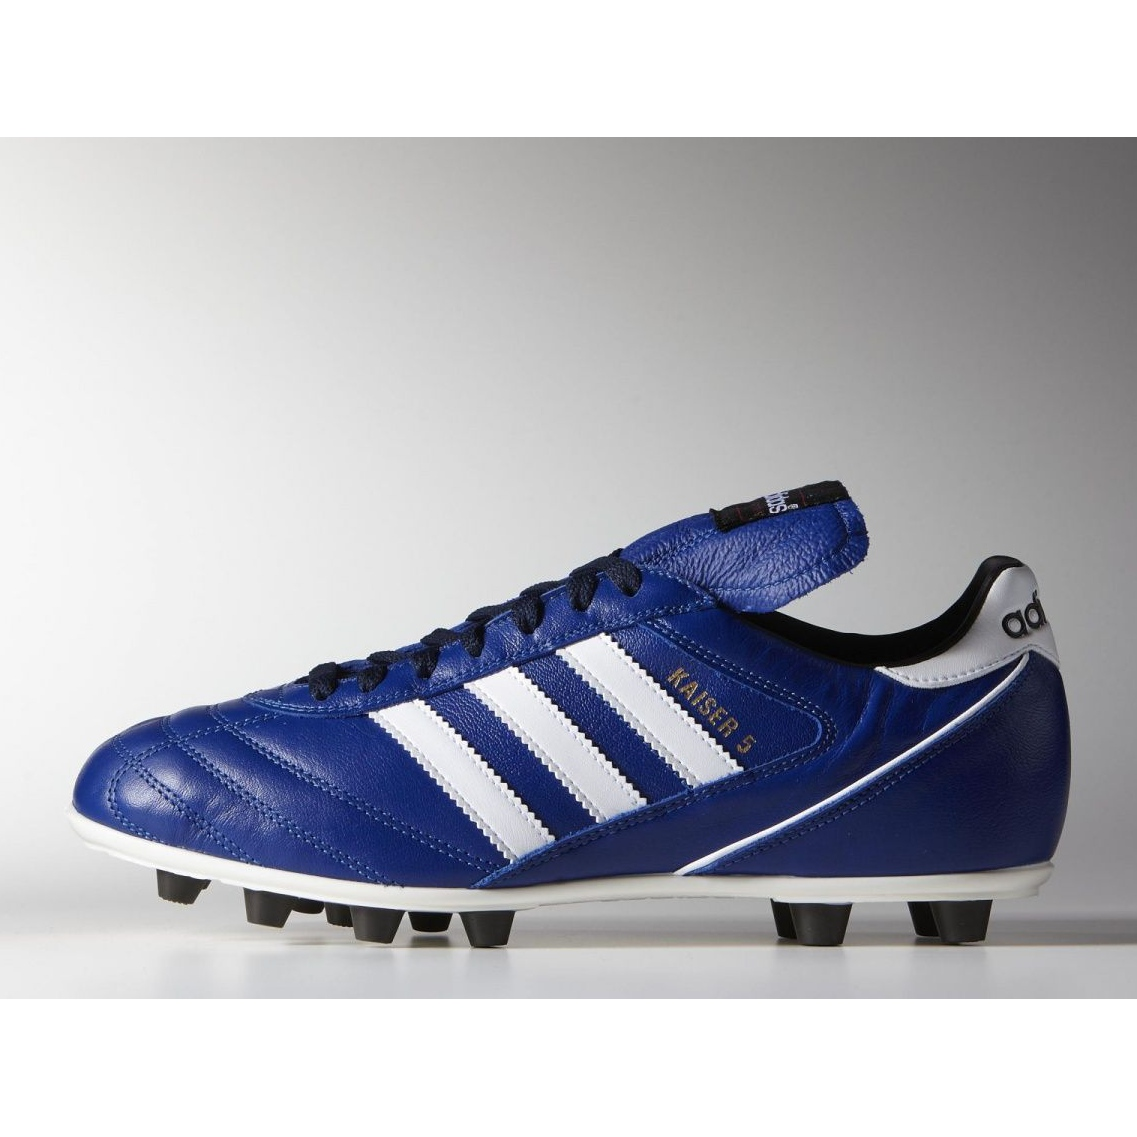 Botas azul de 5 M B34253 Liga fútbol Fg de Kaiser Detalles azul adidas UqzMVpS